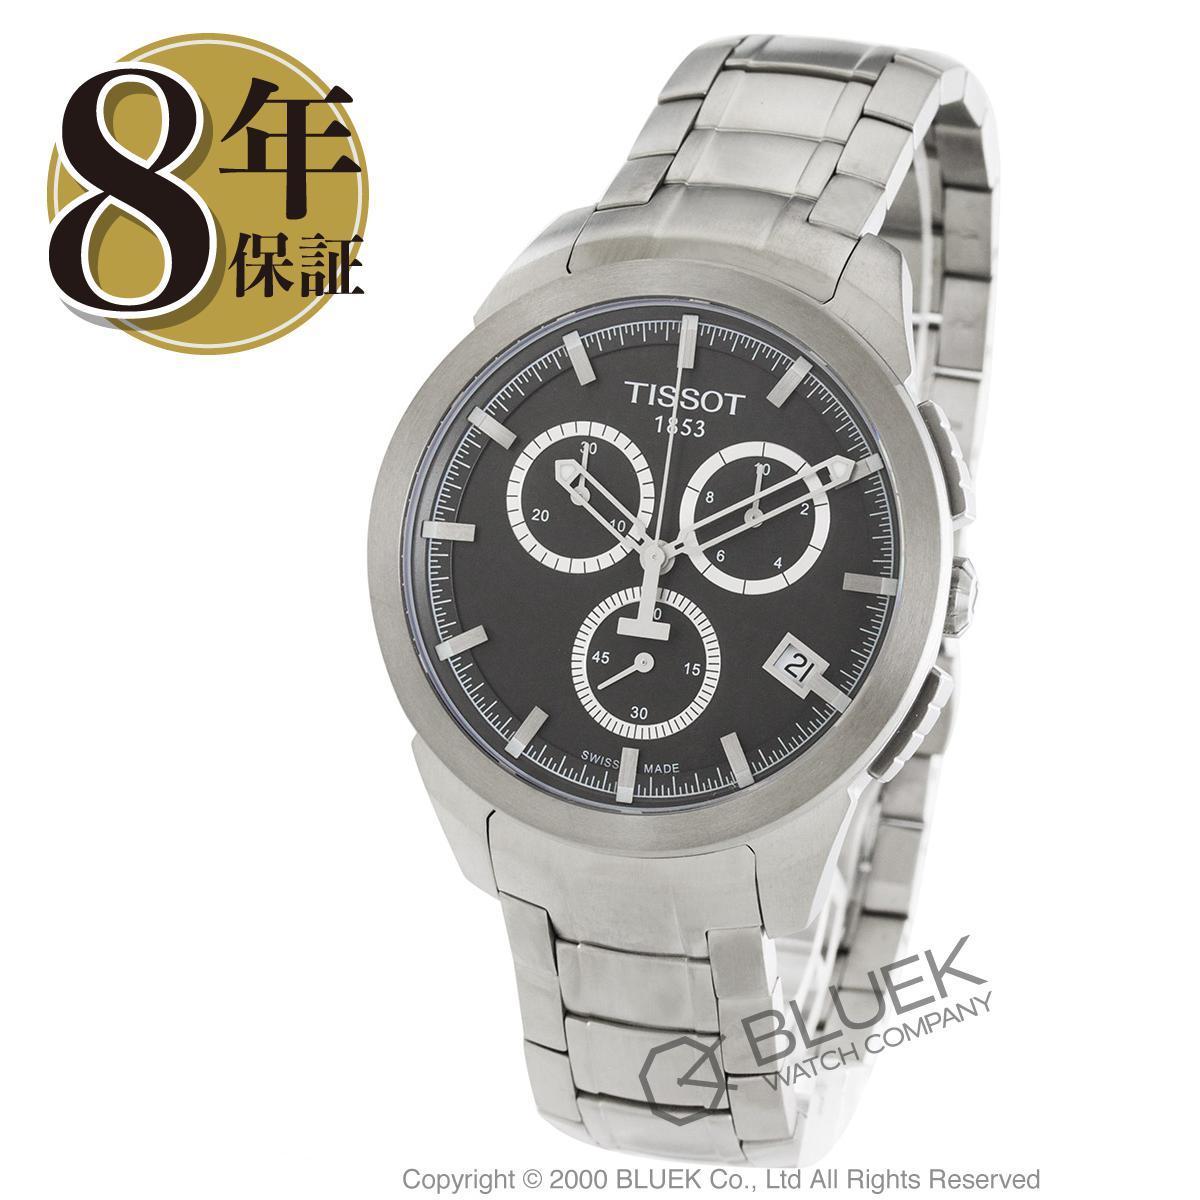 ティソ T-スポーツ チタニウム クロノグラフ 腕時計 メンズ TISSOT T069.417.44.061.00_8